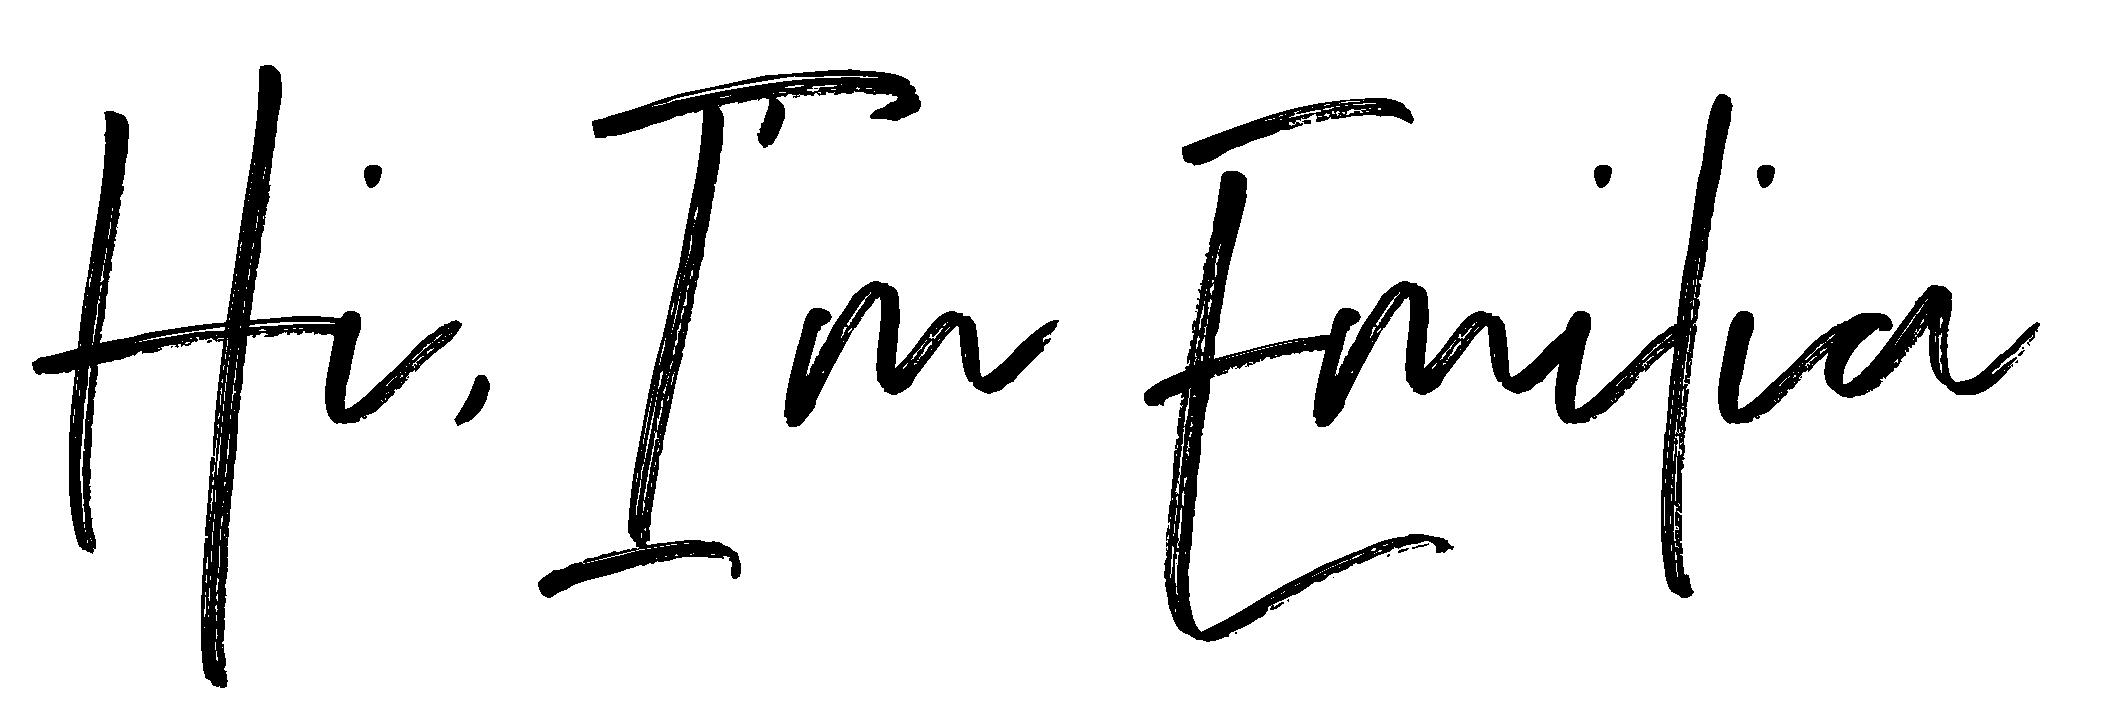 Logo ideas_HI, I;m Emilia.png